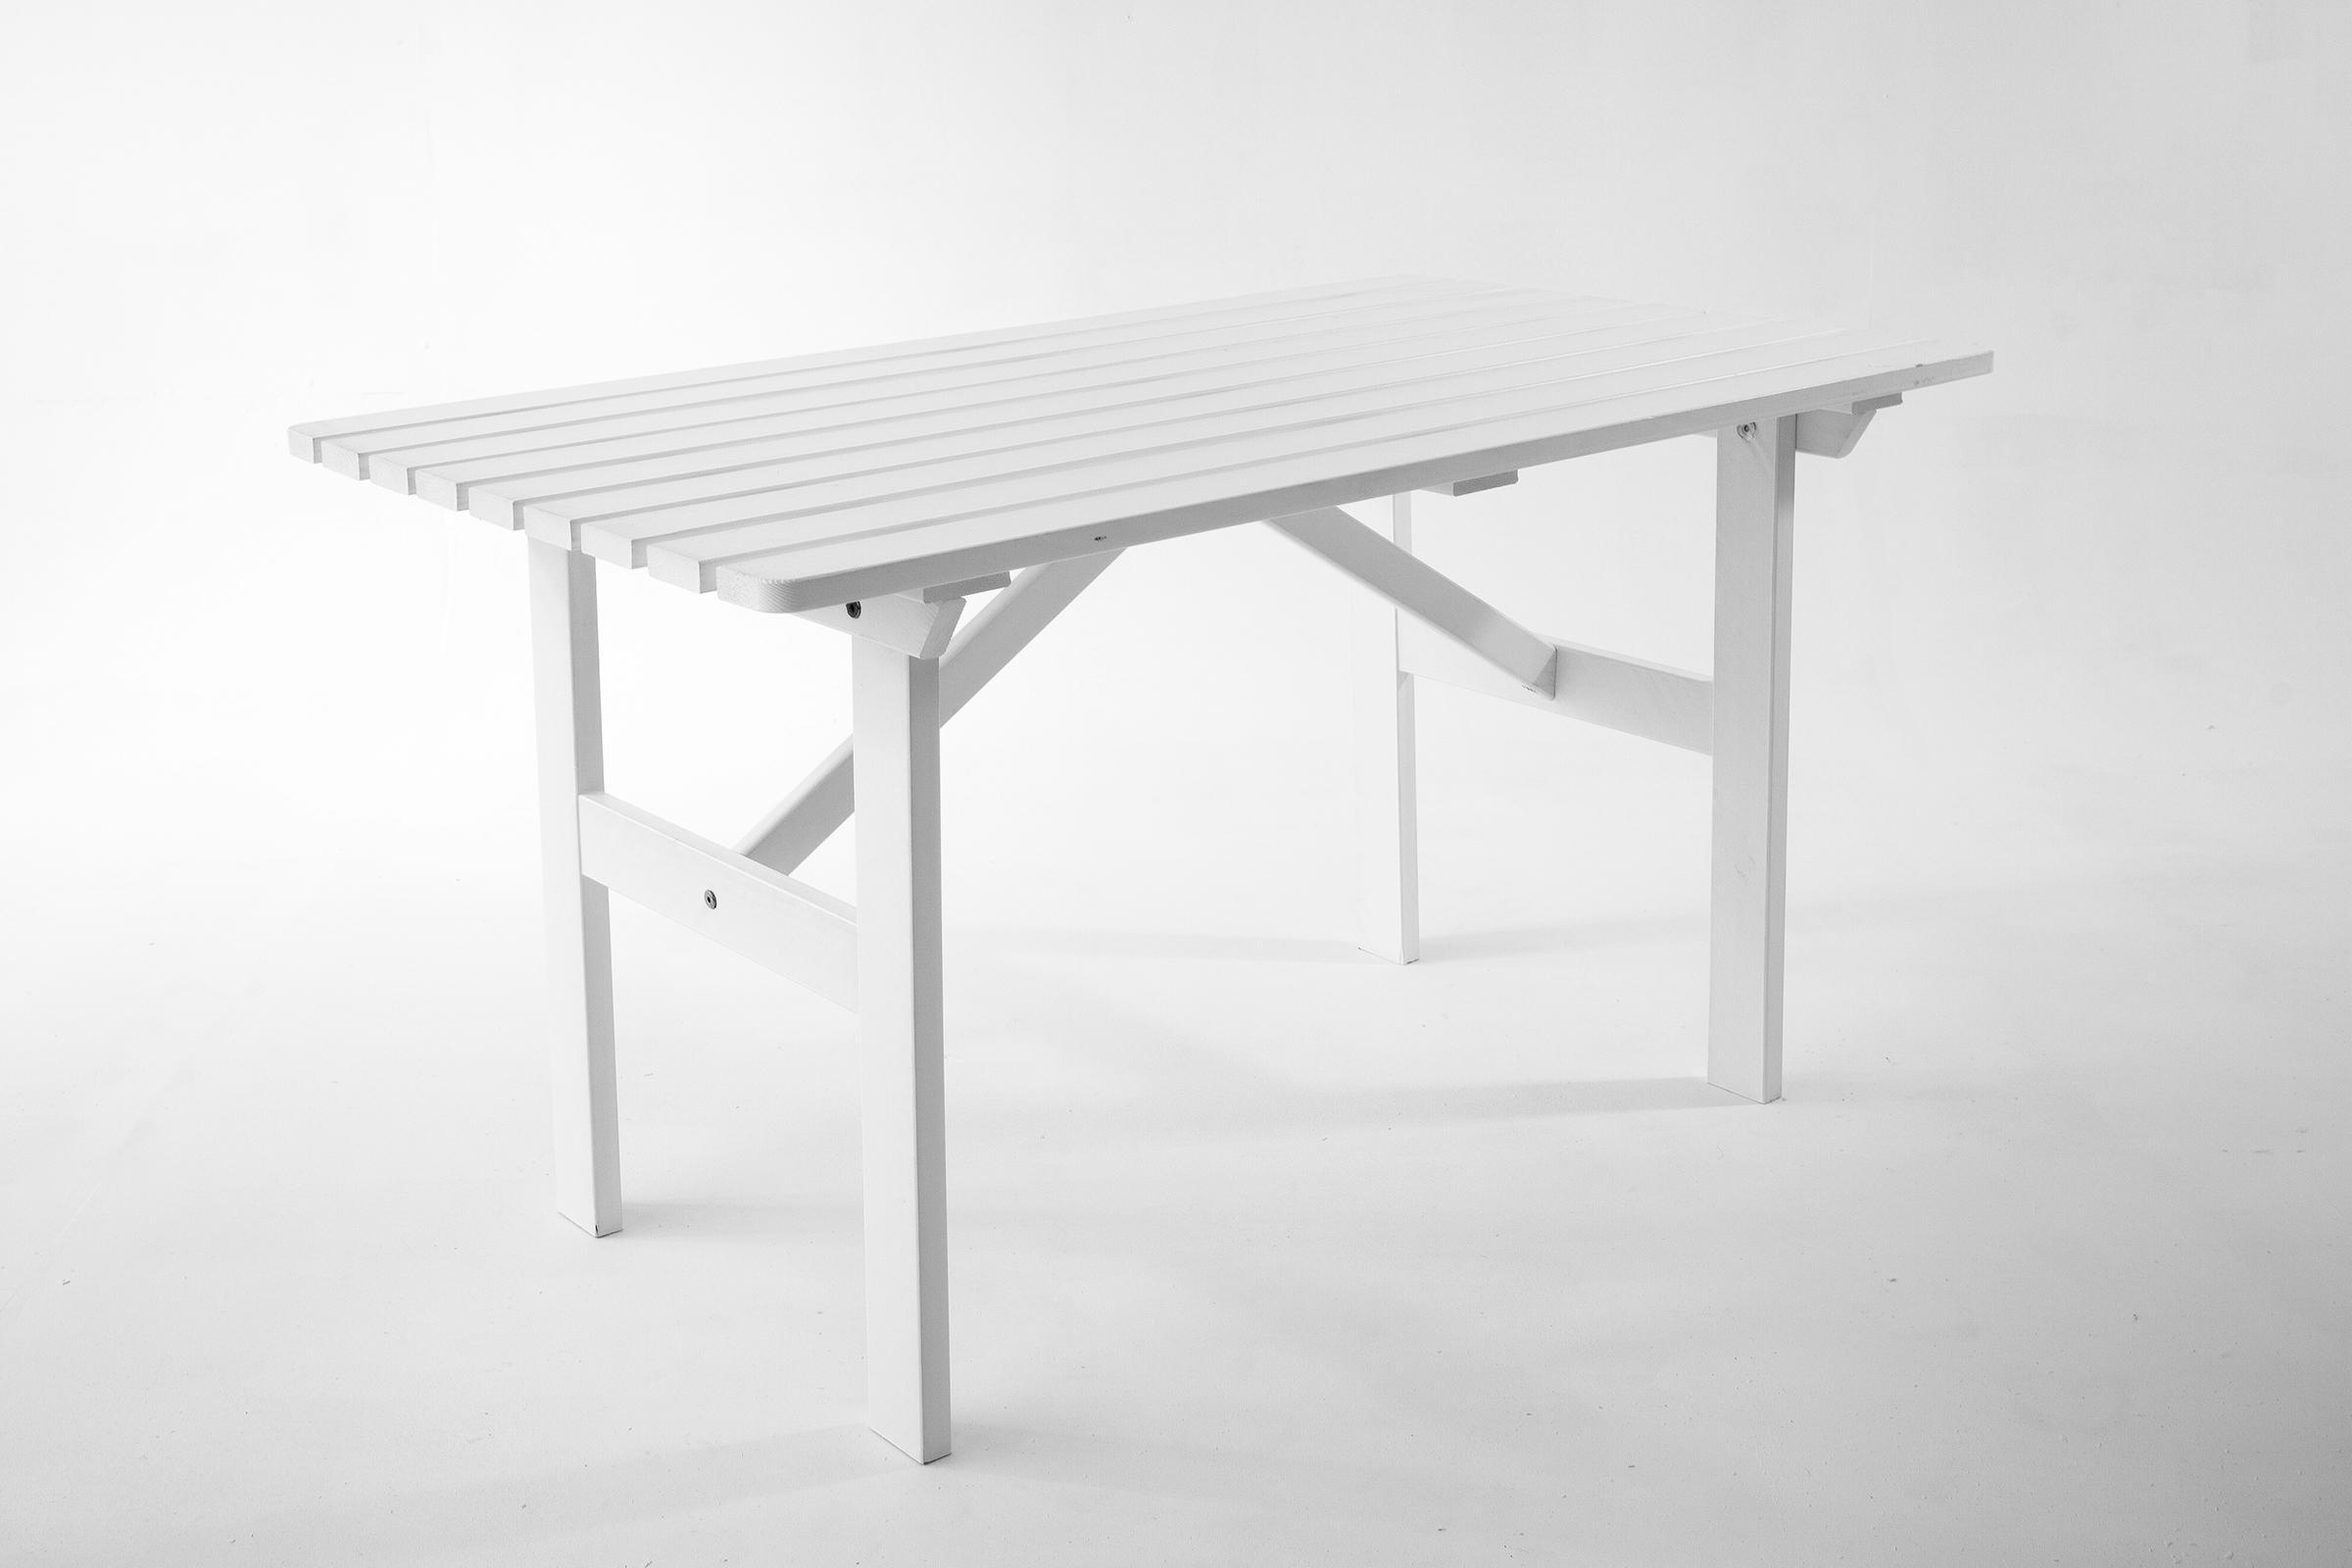 Ambientehome gartentisch tisch massivholz esstisch hanko for Amazon tisch